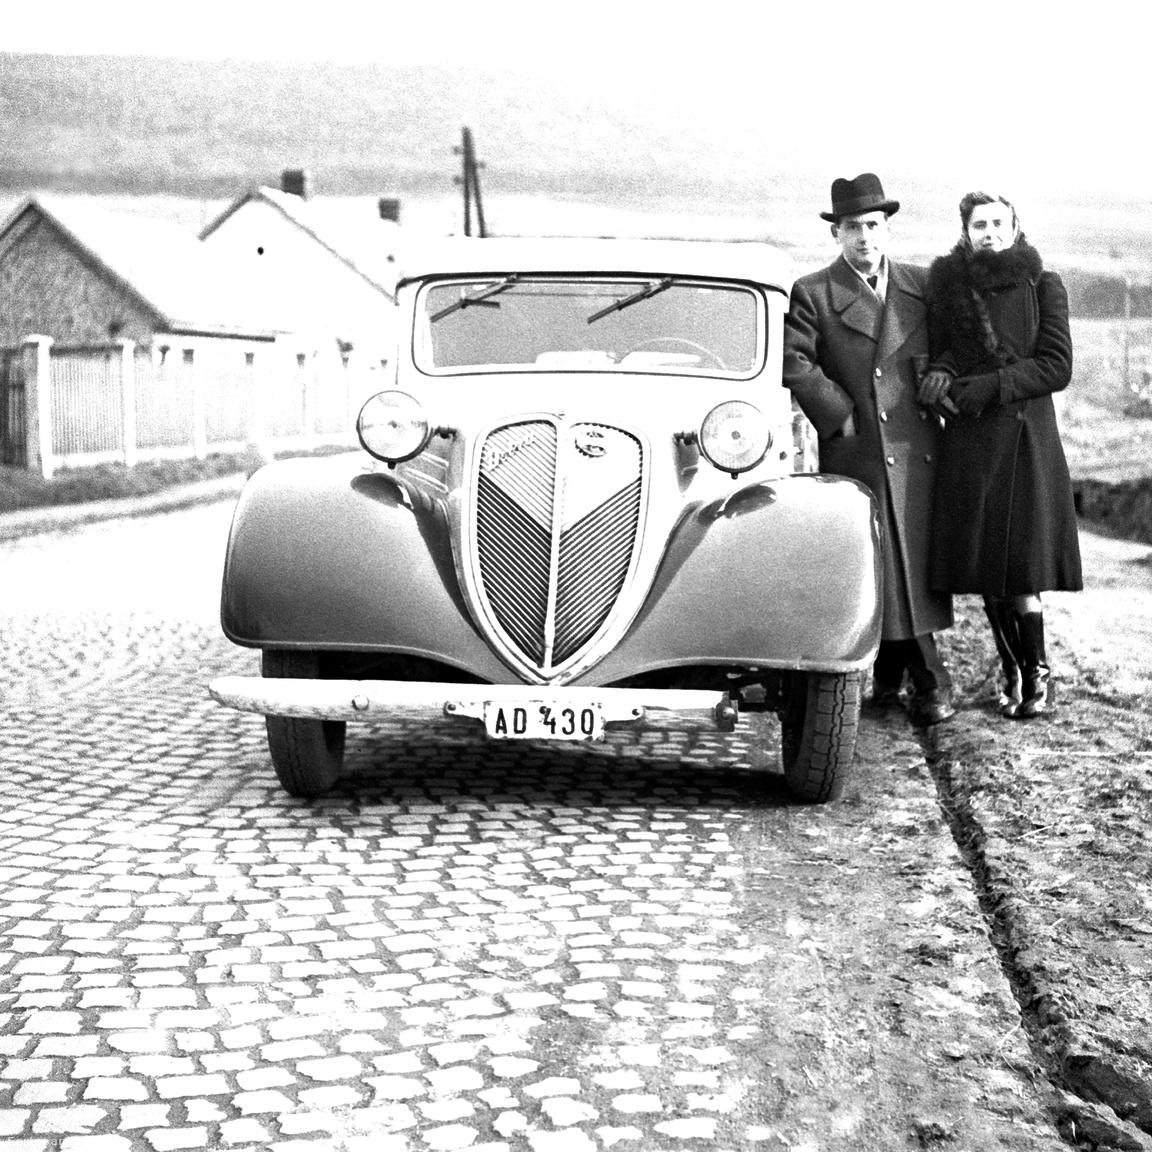 """""""Idegen tollak. Akkor is divat volt az autó mellé állva fényképezkedni. Nagyapámnak sosem volt autója. Azt mondta mindenhová el lehet jutni tömegközlekedéssel, akkor meg minek?"""" (Glázer Attila)"""